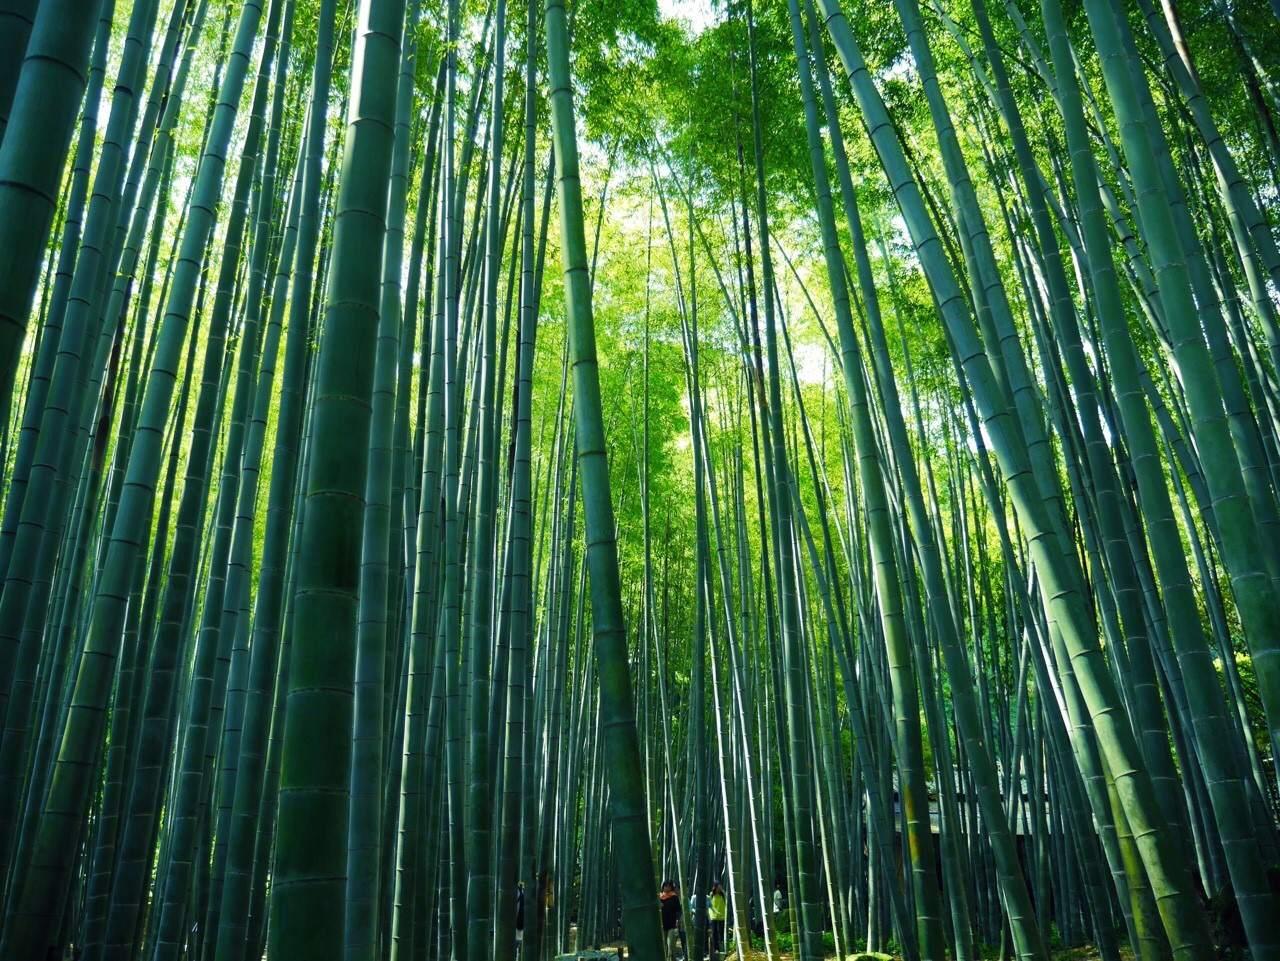 京都だけじゃない!鎌倉で竹林に癒されよう